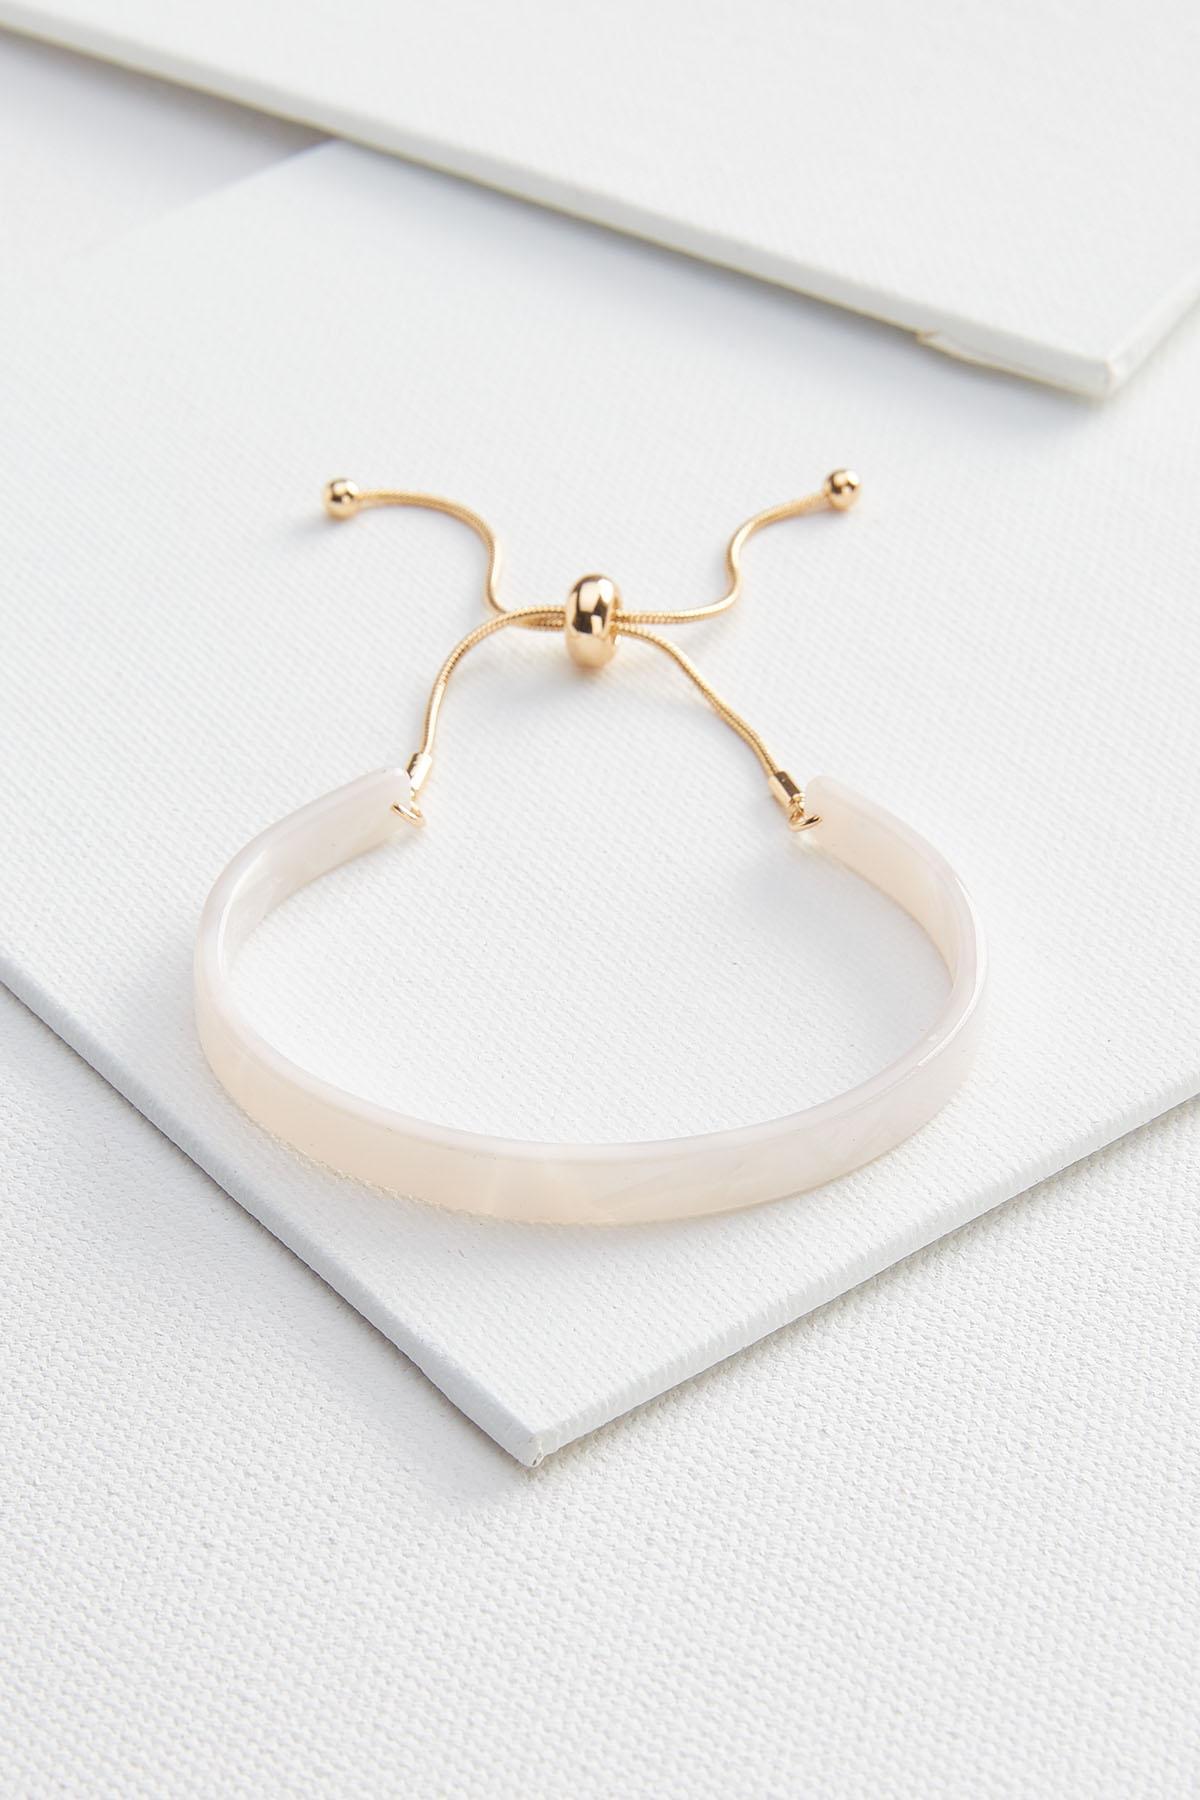 Lucite Cuff Bracelet